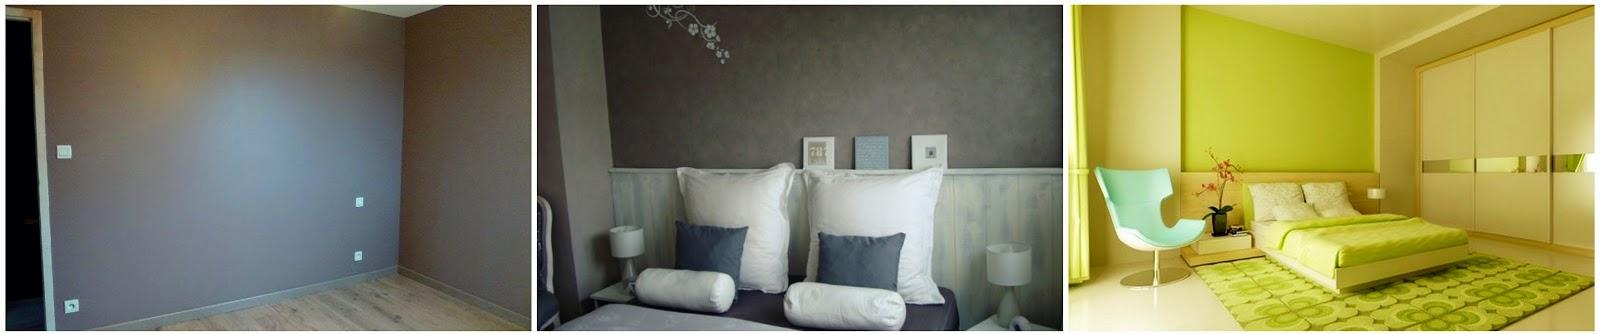 cout peintre en batiment prix au m2 special etudiants peintre professionnel cesu. Black Bedroom Furniture Sets. Home Design Ideas